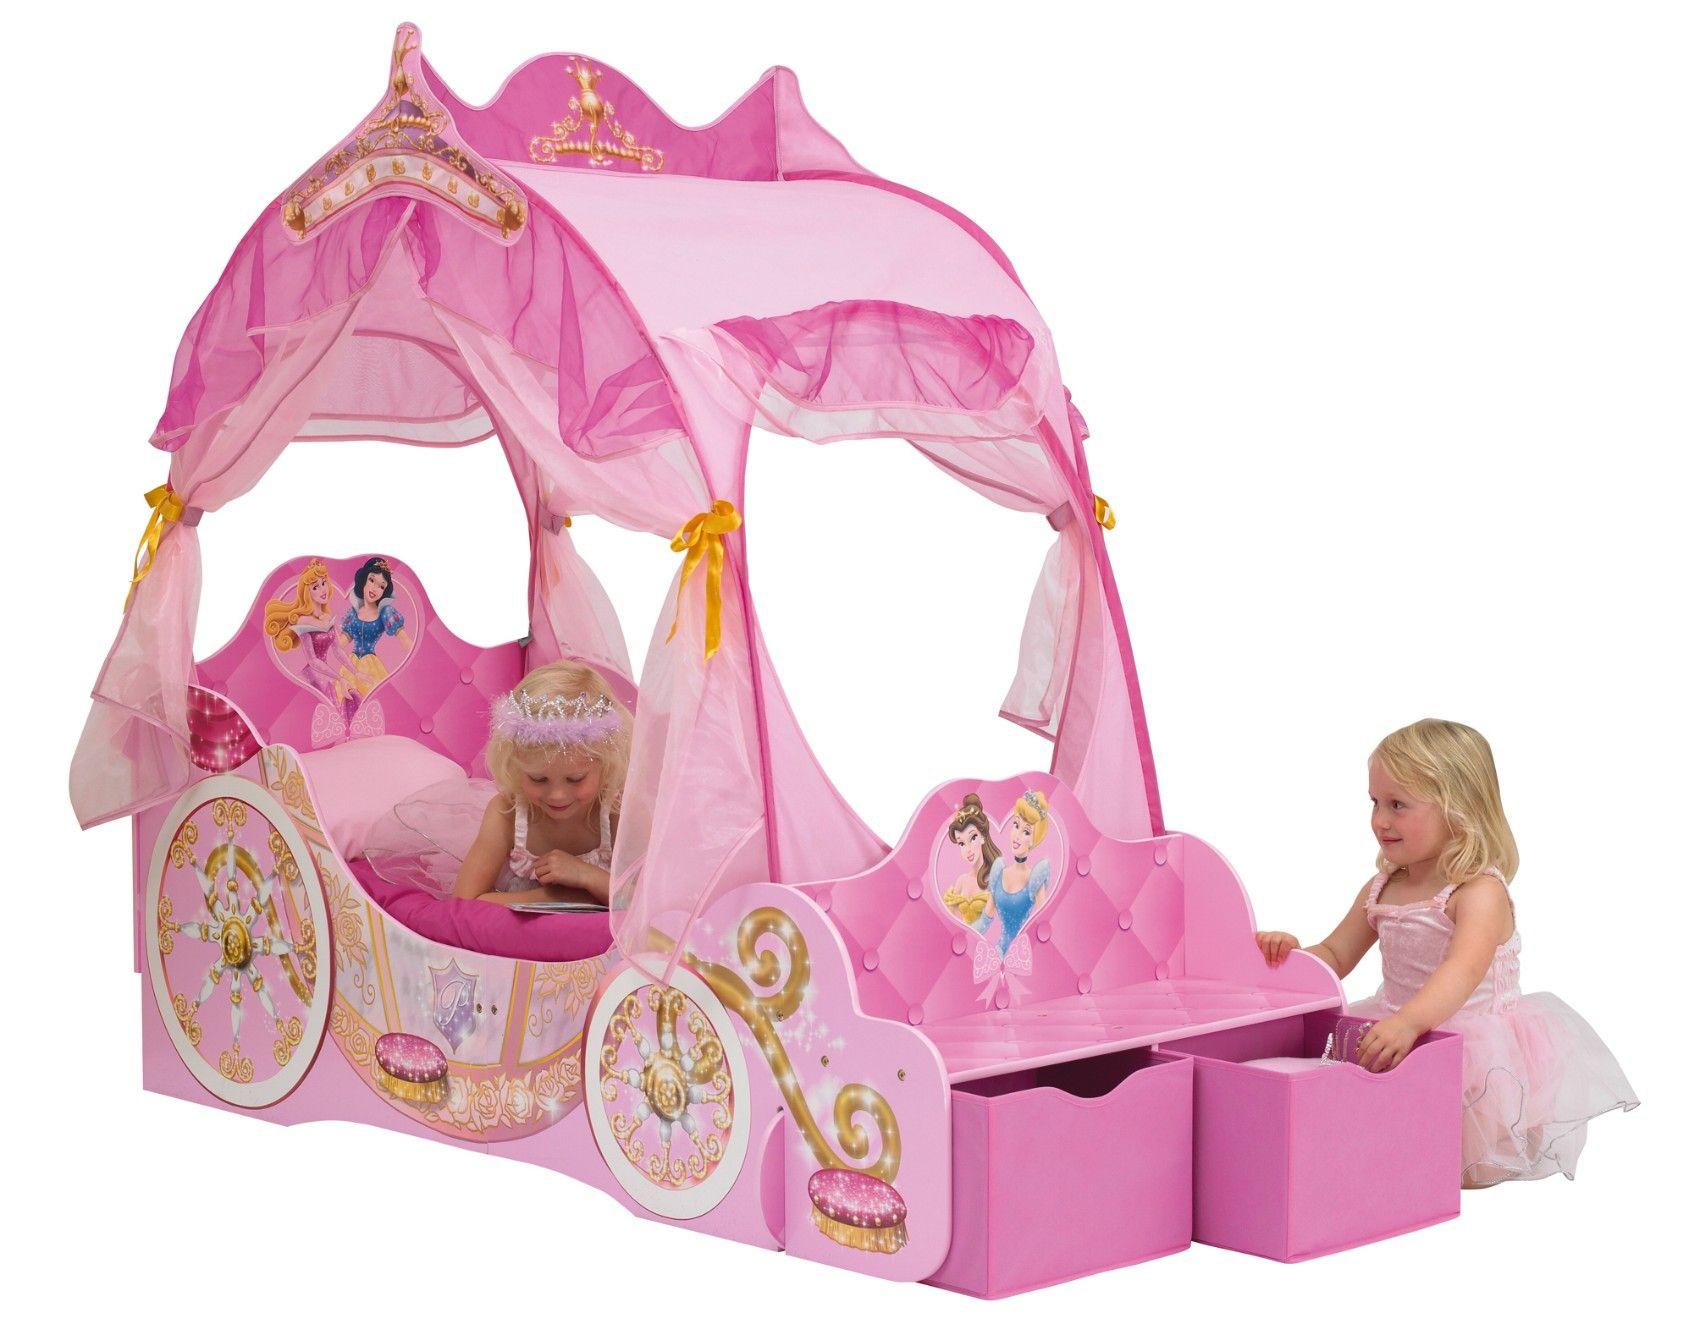 Kinderbett Disney Princess Kutsche, 70 X 140 Cm Traumhaftes Kinderbett    Ein Traum Für Alle